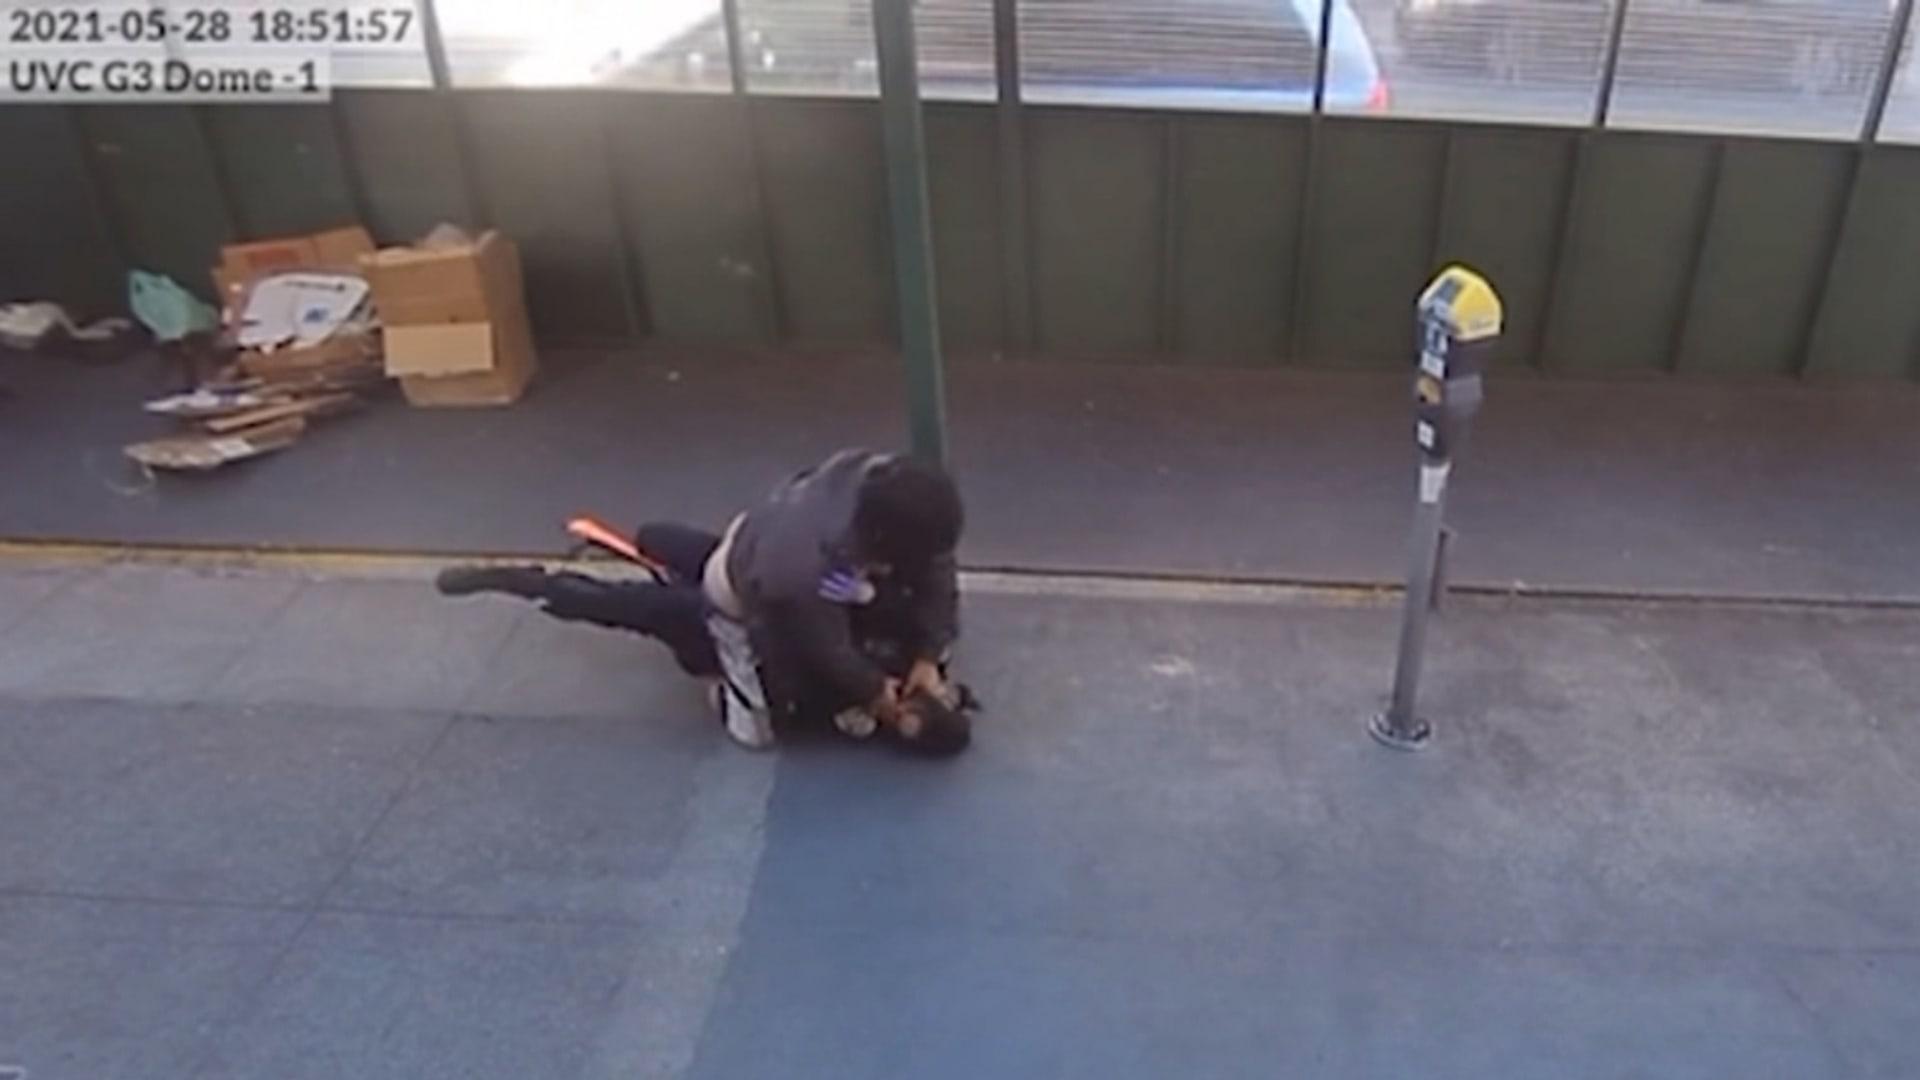 شاهد المارة يندفعون لمساعدة شرطية أمريكية تتعرض لاعتداء من رجل في سان فرانسيسكو